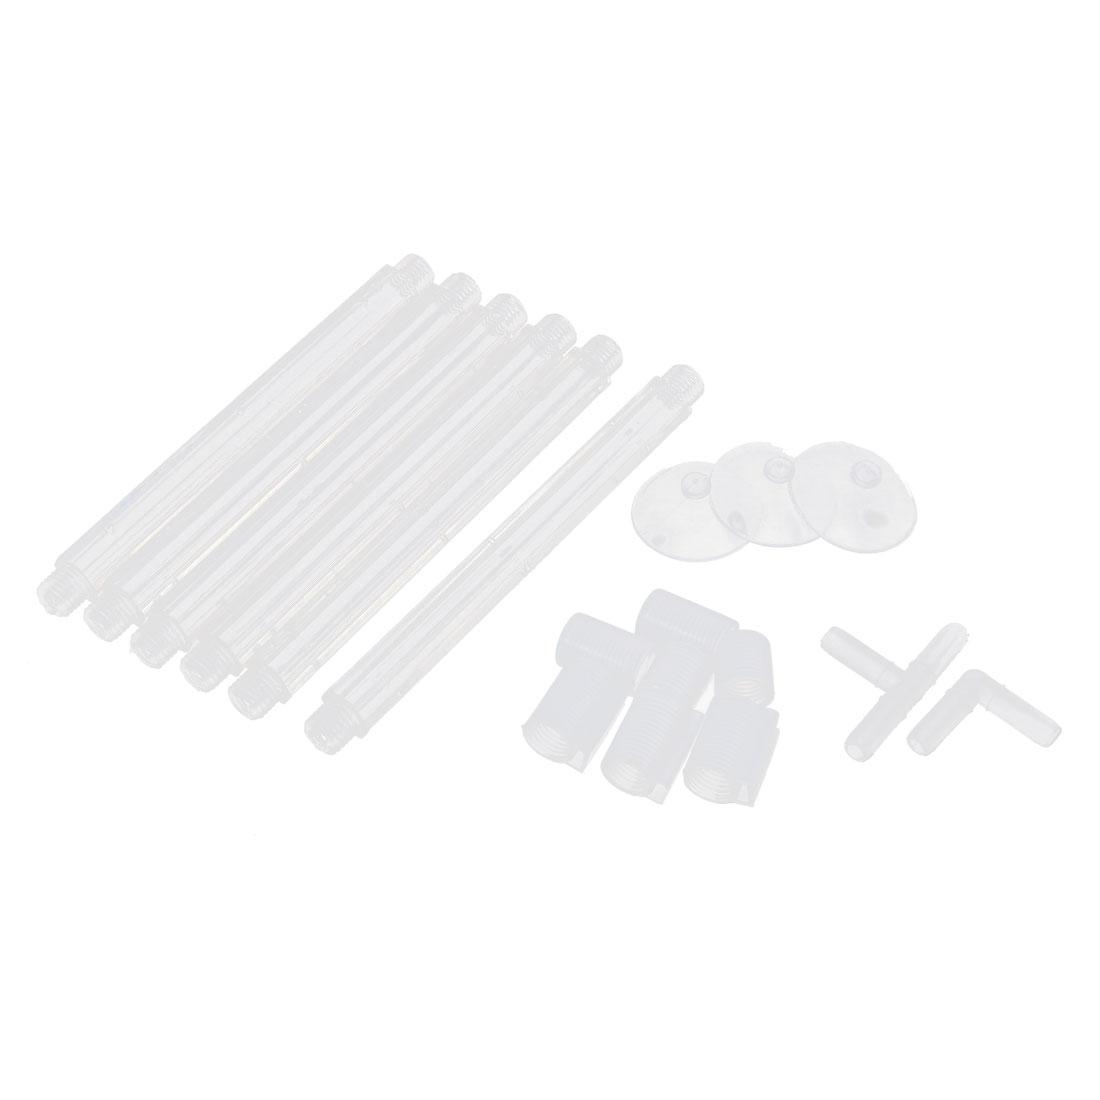 Aquarium Fish Tank Plastic Air Curtain Bubble Release Bar Diffuser Kit Clear White